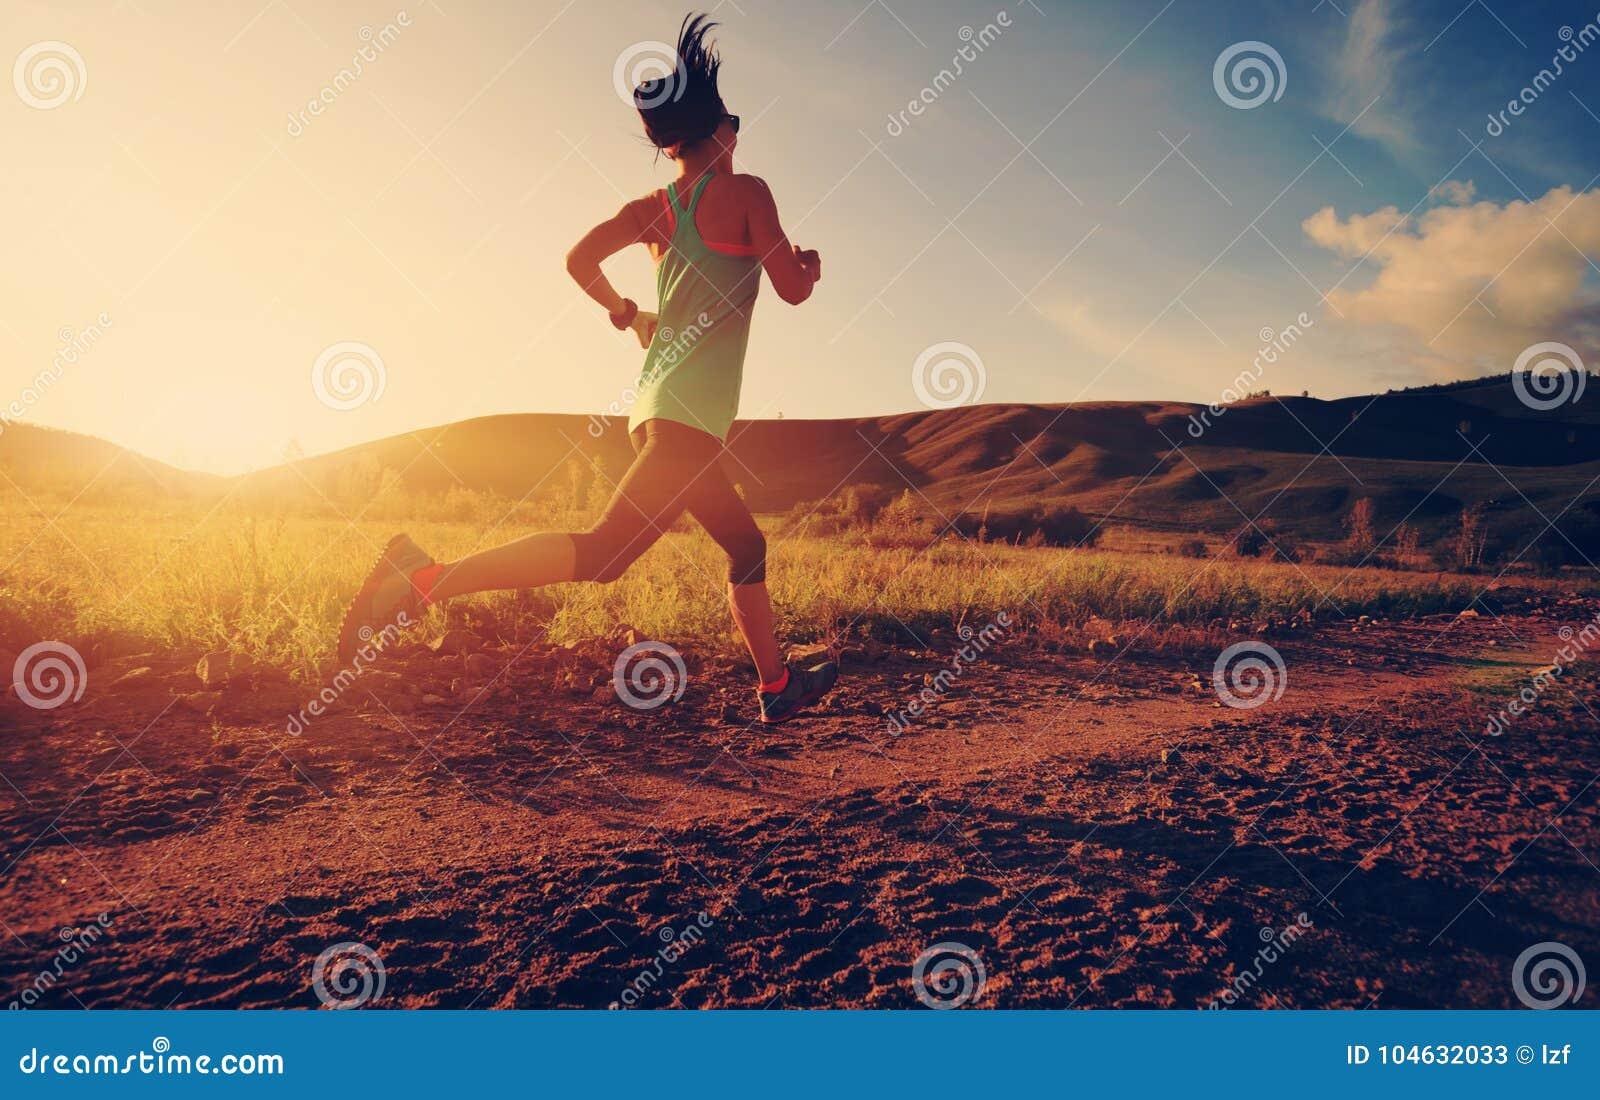 Download Vrouw Die Op Bossleep Lopen Stock Afbeelding - Afbeelding bestaande uit jogging, wijfje: 104632033